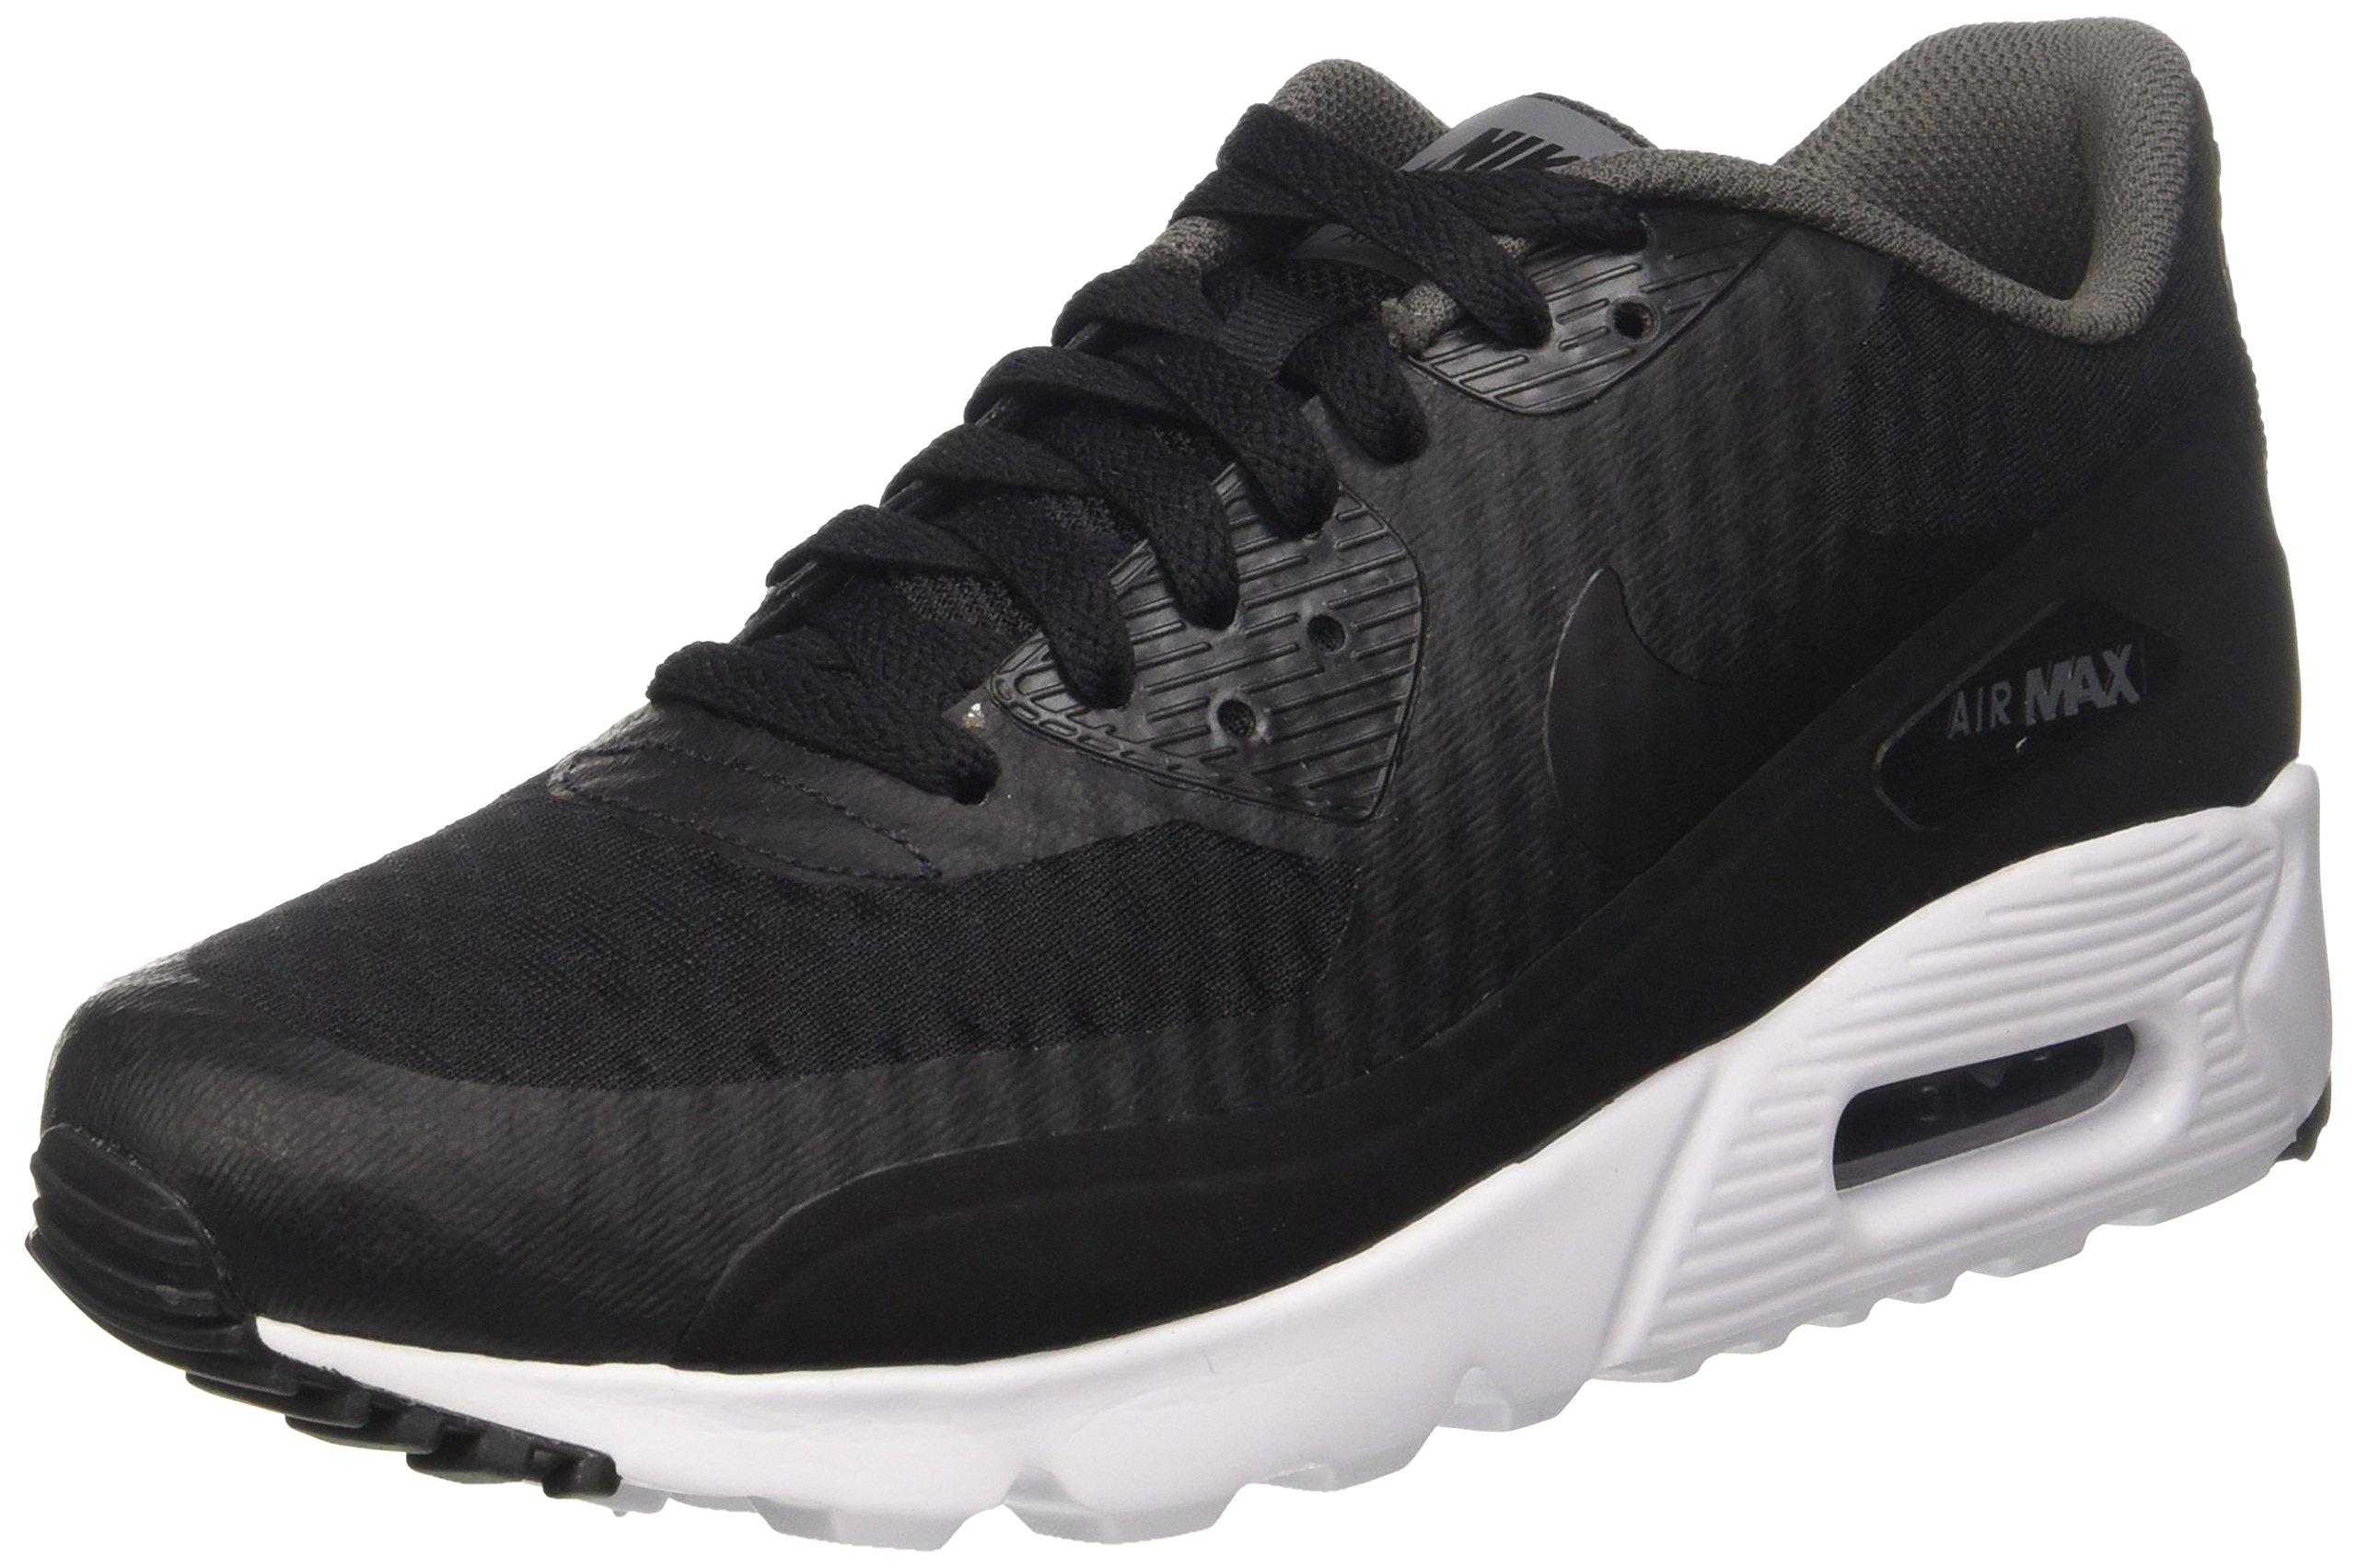 best sneakers defc3 79ada Galleon - NIKE Men s Air Max 90 Ultra Essential, Black Black-Dark Grey-White,  13 M US